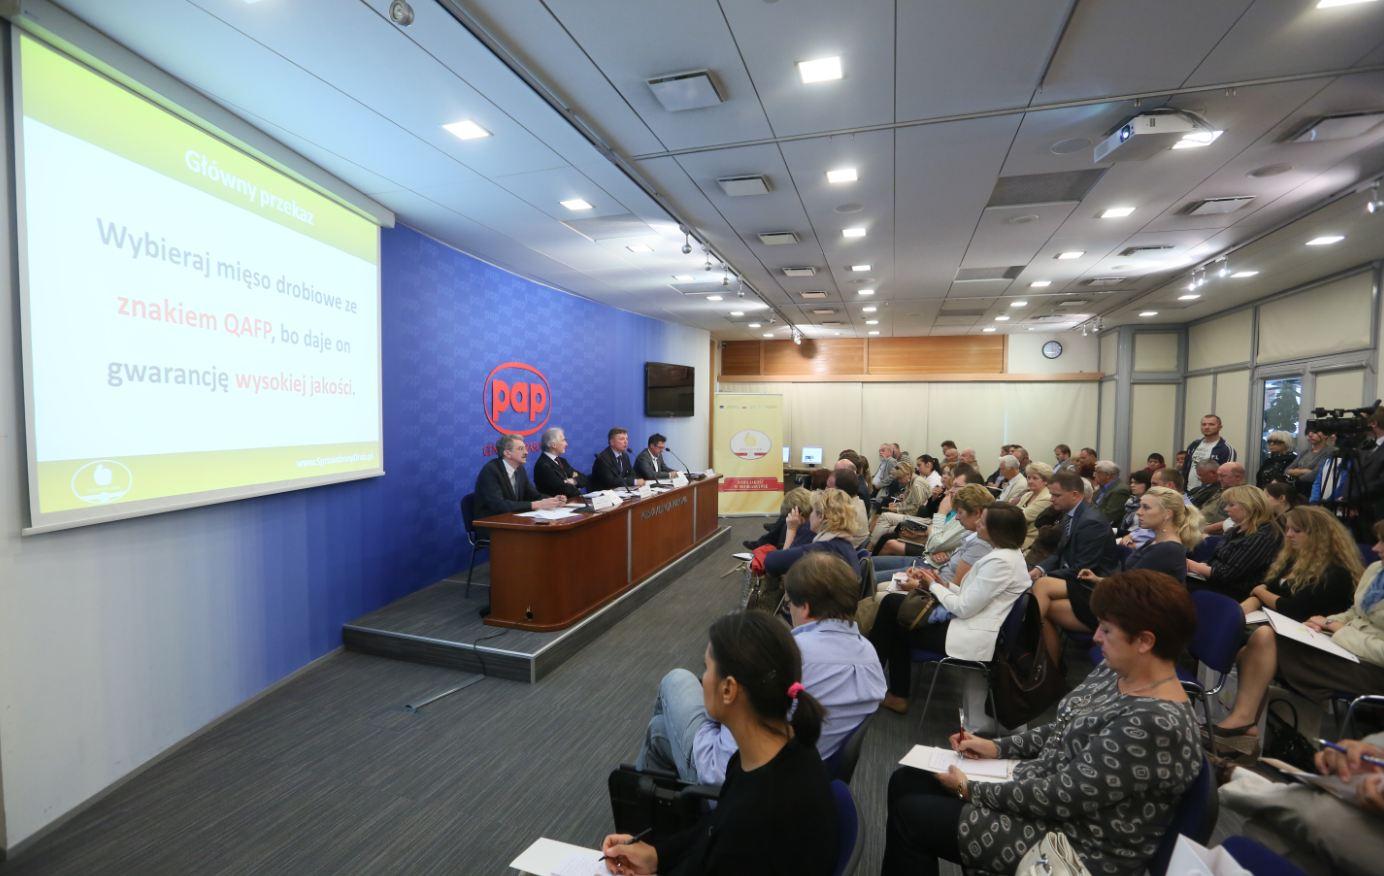 Konferencja Prasowa - Drobiowa ofensywa - wrzesień 2012 (zdjęcie PAP)